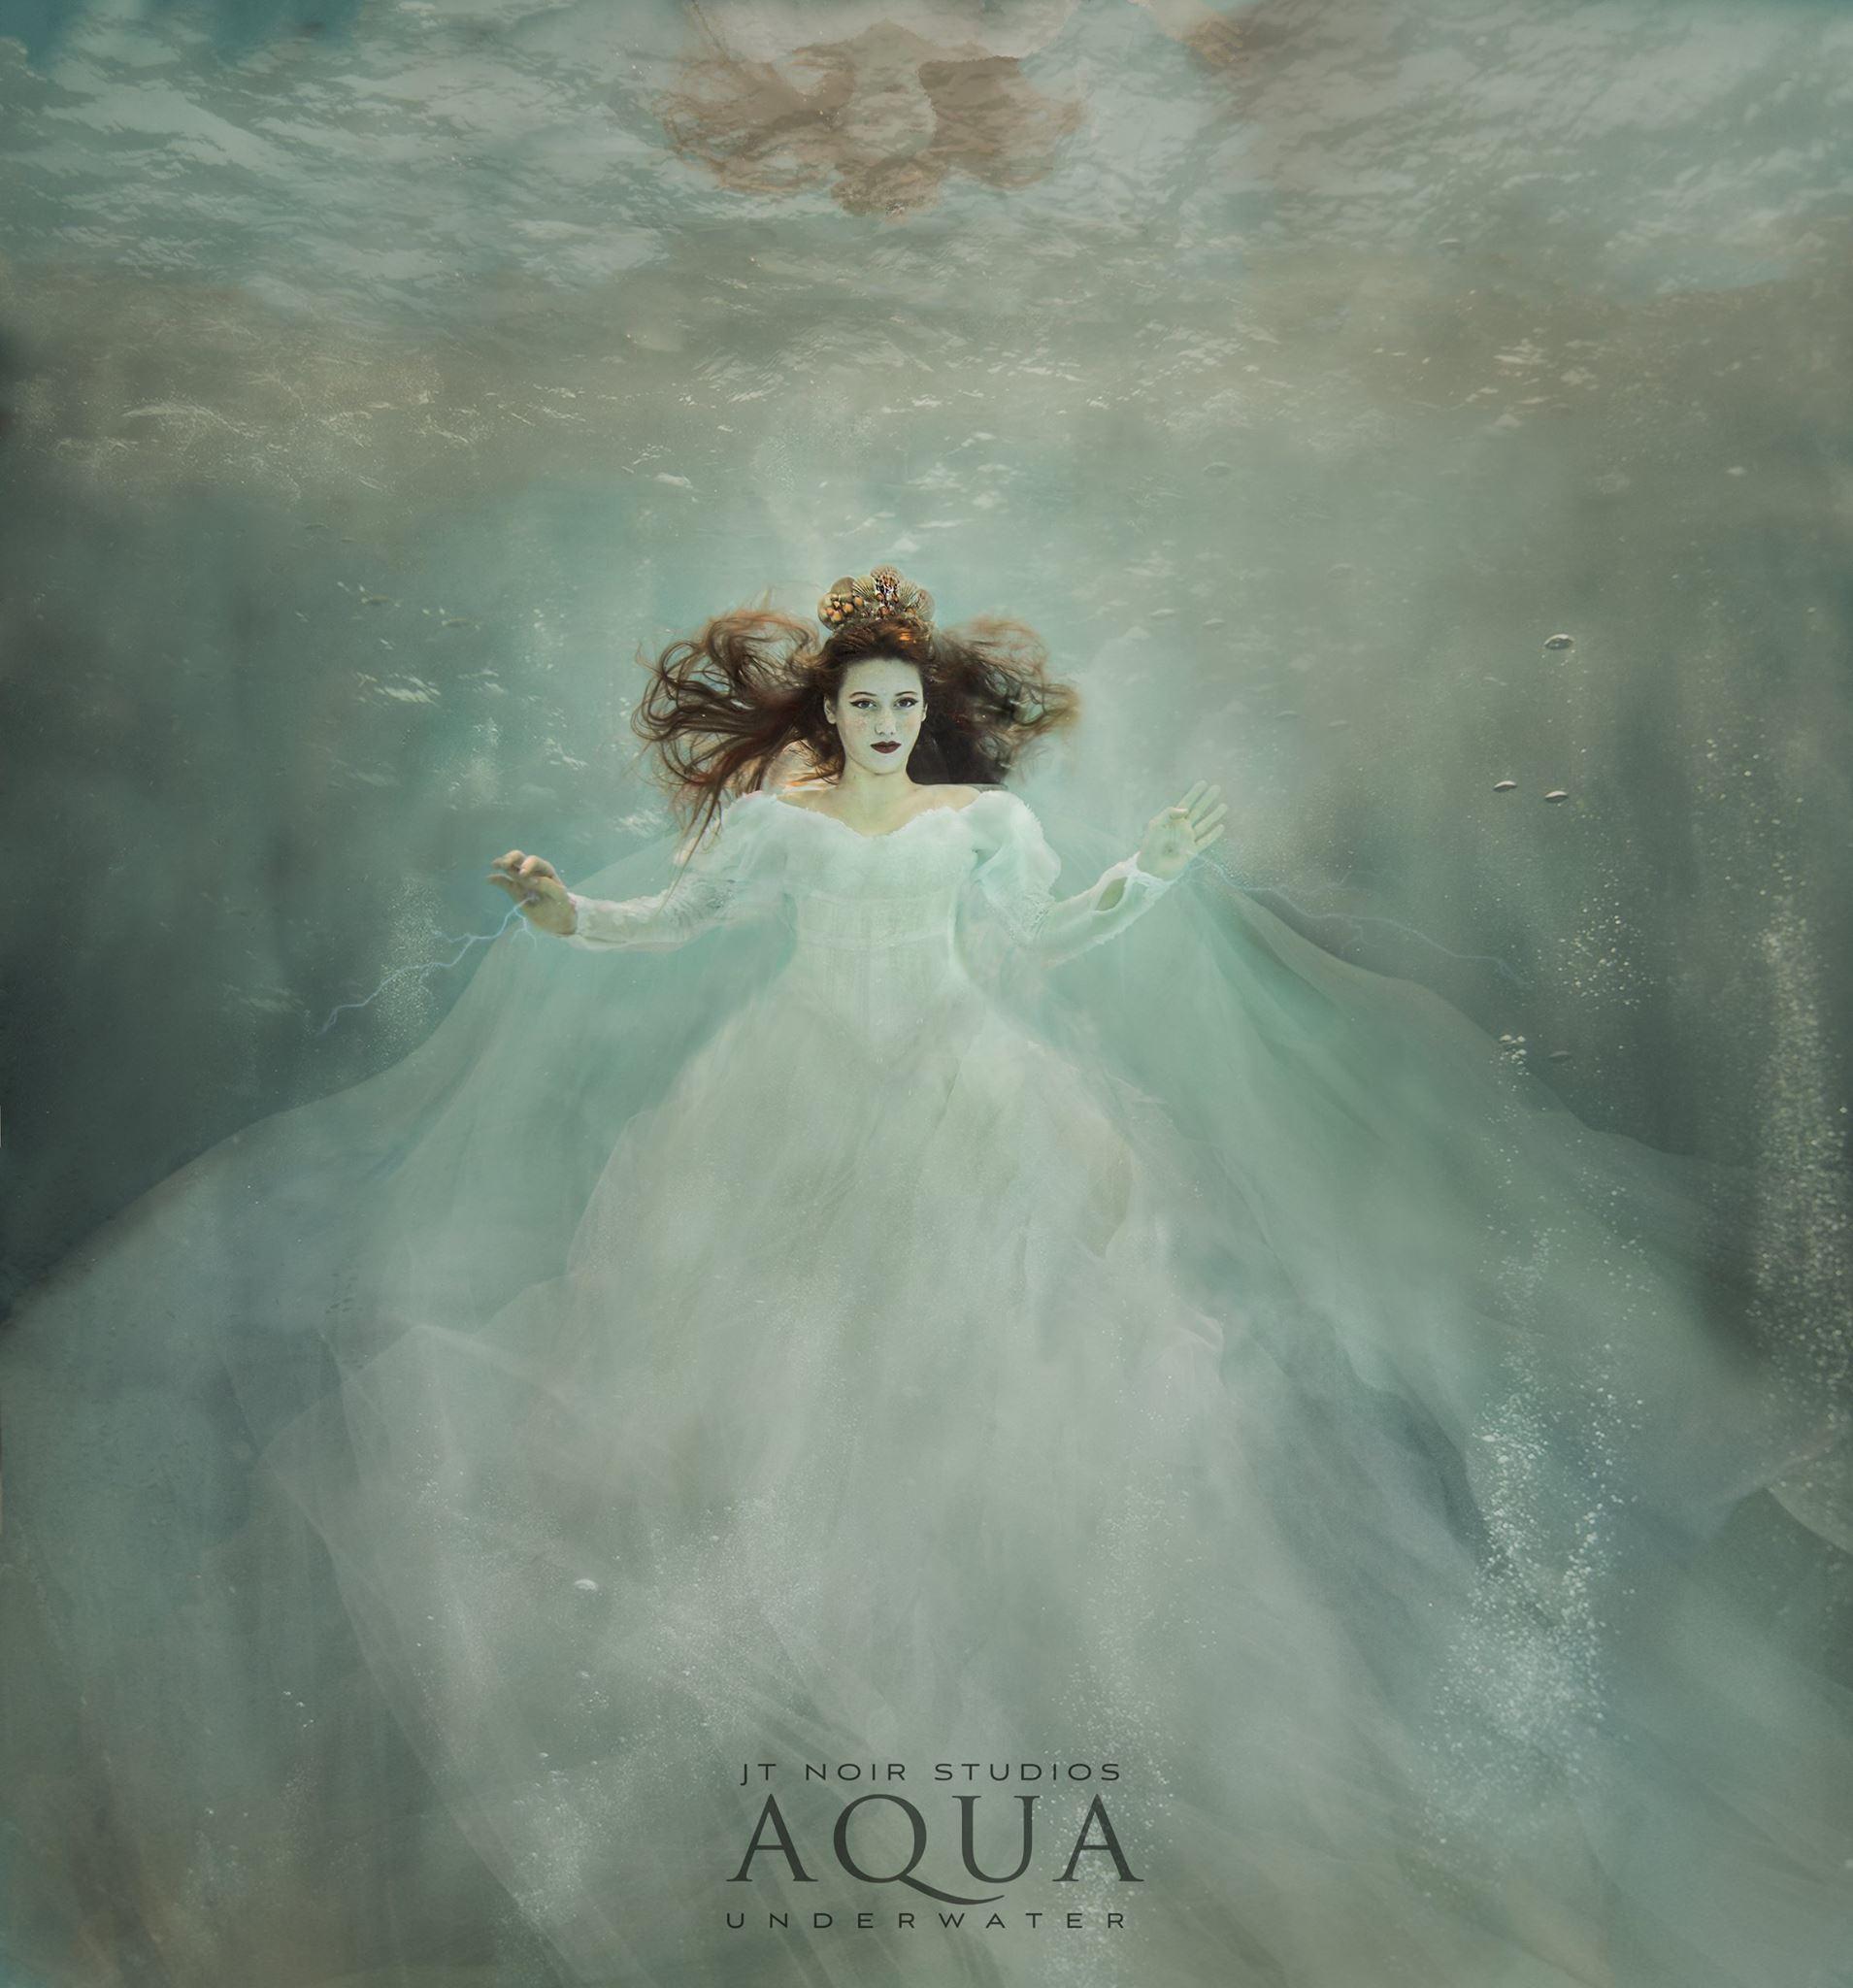 JTAqua_underwater_Queen.jpg